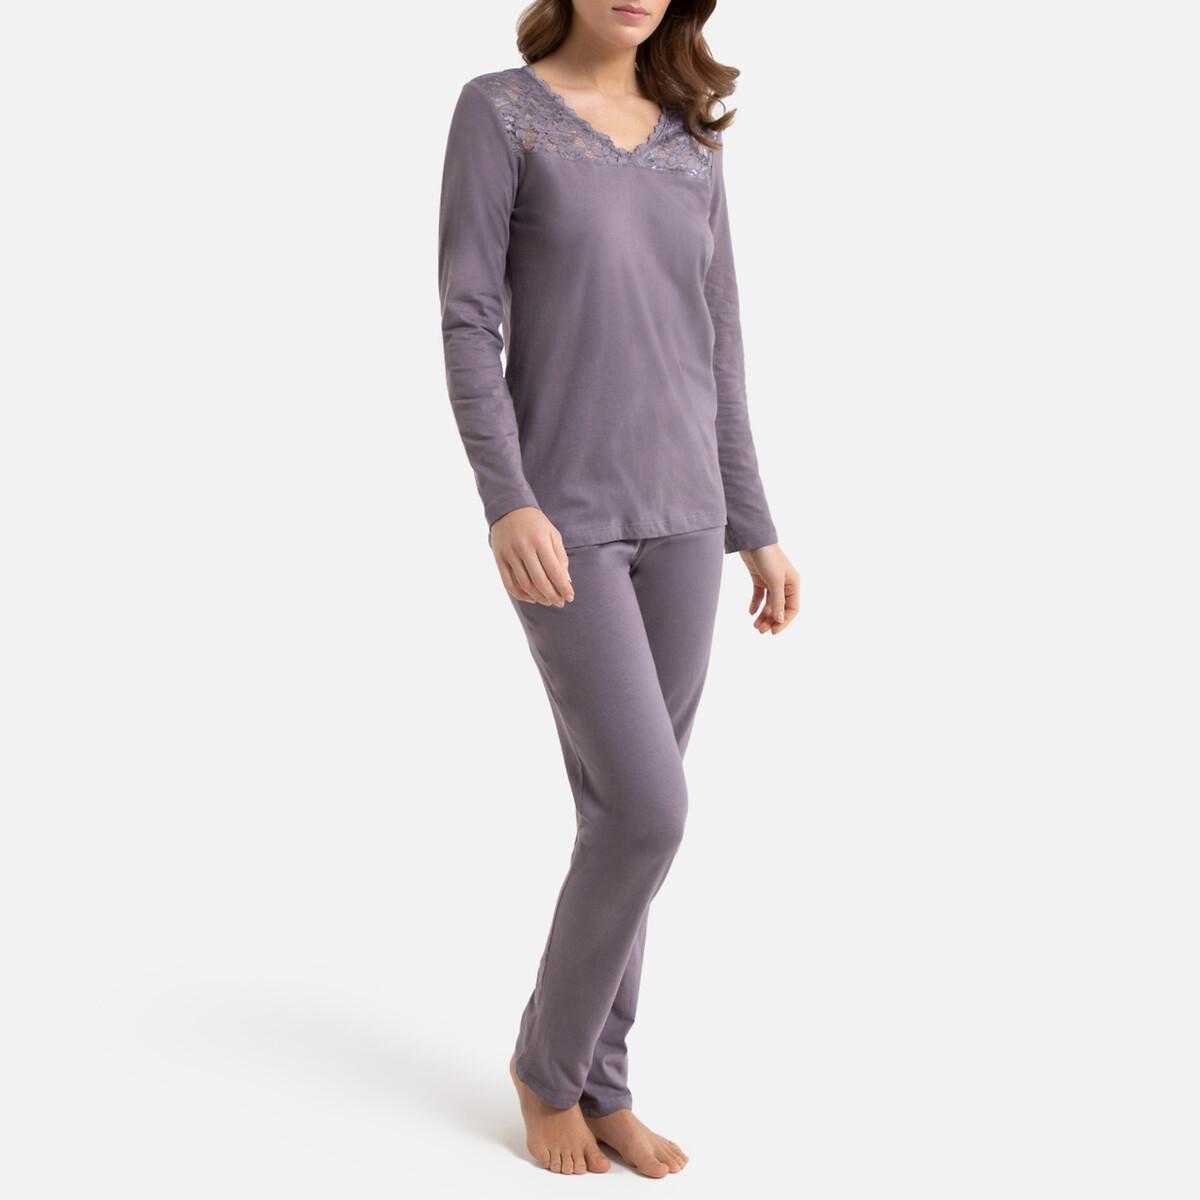 Пижама LaRedoute С длинными рукавами кружевная вставка 54/56 (FR) - 60/62 (RUS) серый пижама la redoute с шортами 54 56 fr 60 62 rus синий